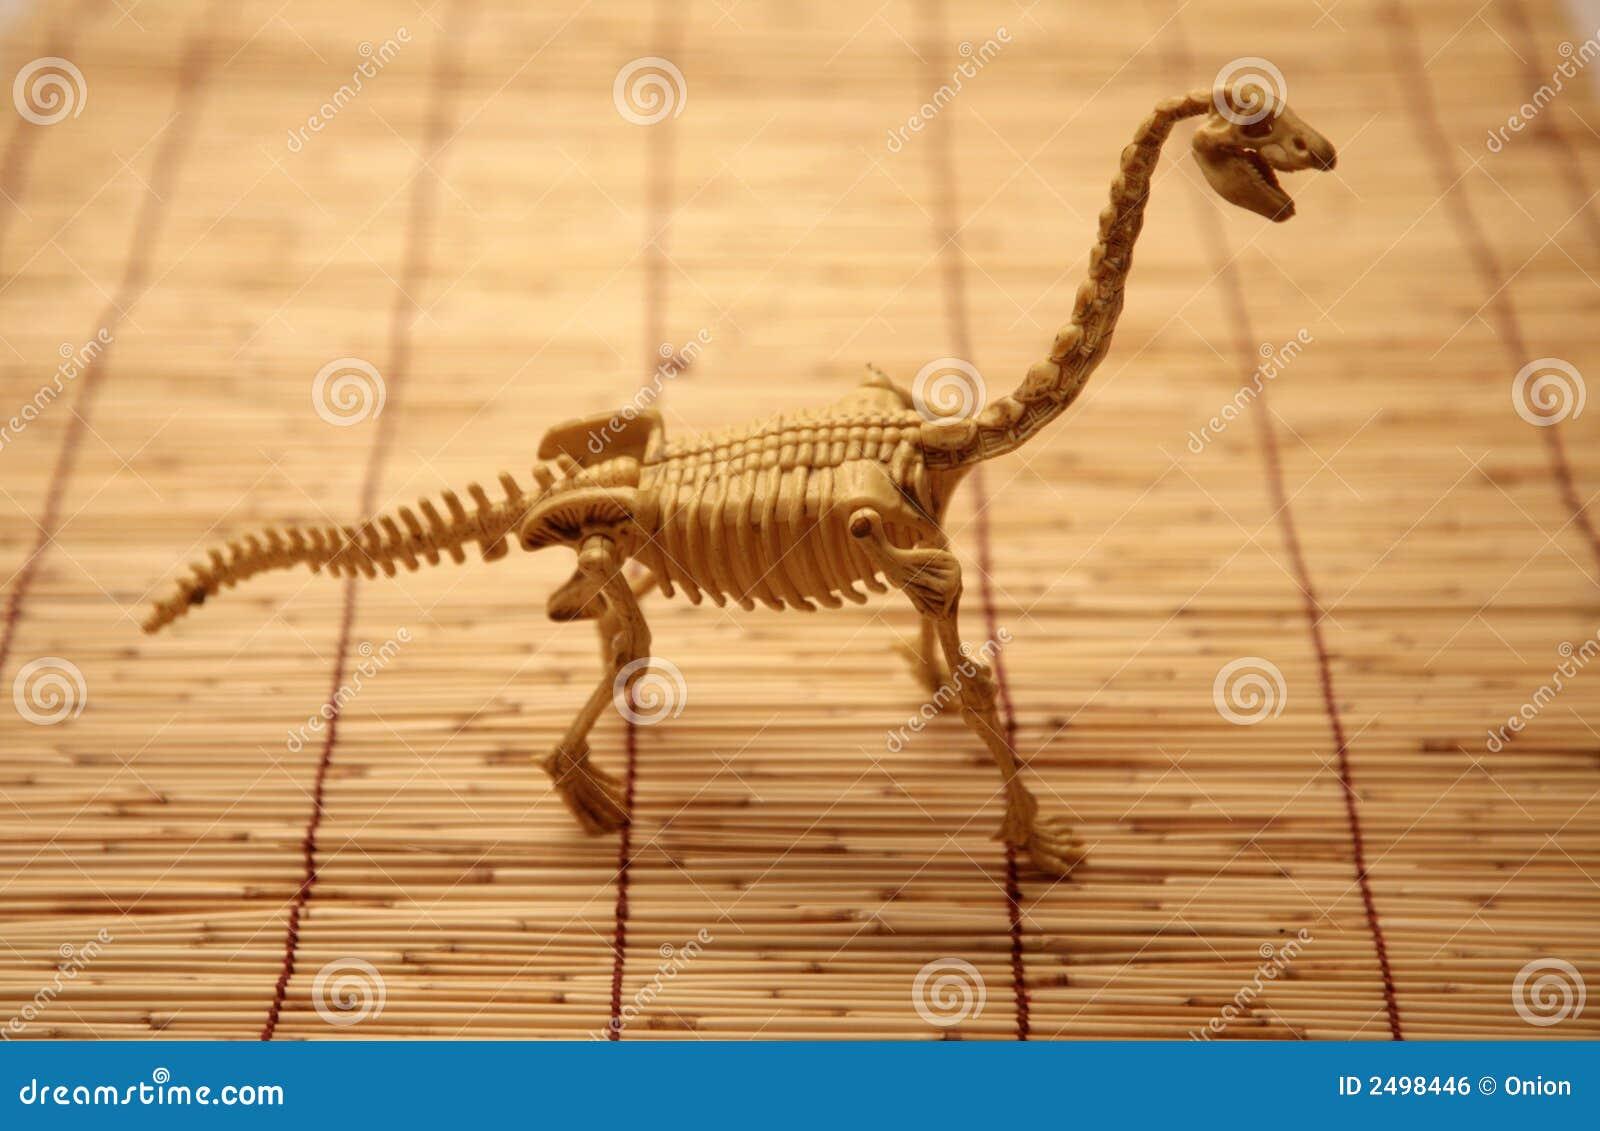 Esqueleto del dinosaurio foto de archivo. Imagen de dinosaurio - 2498446